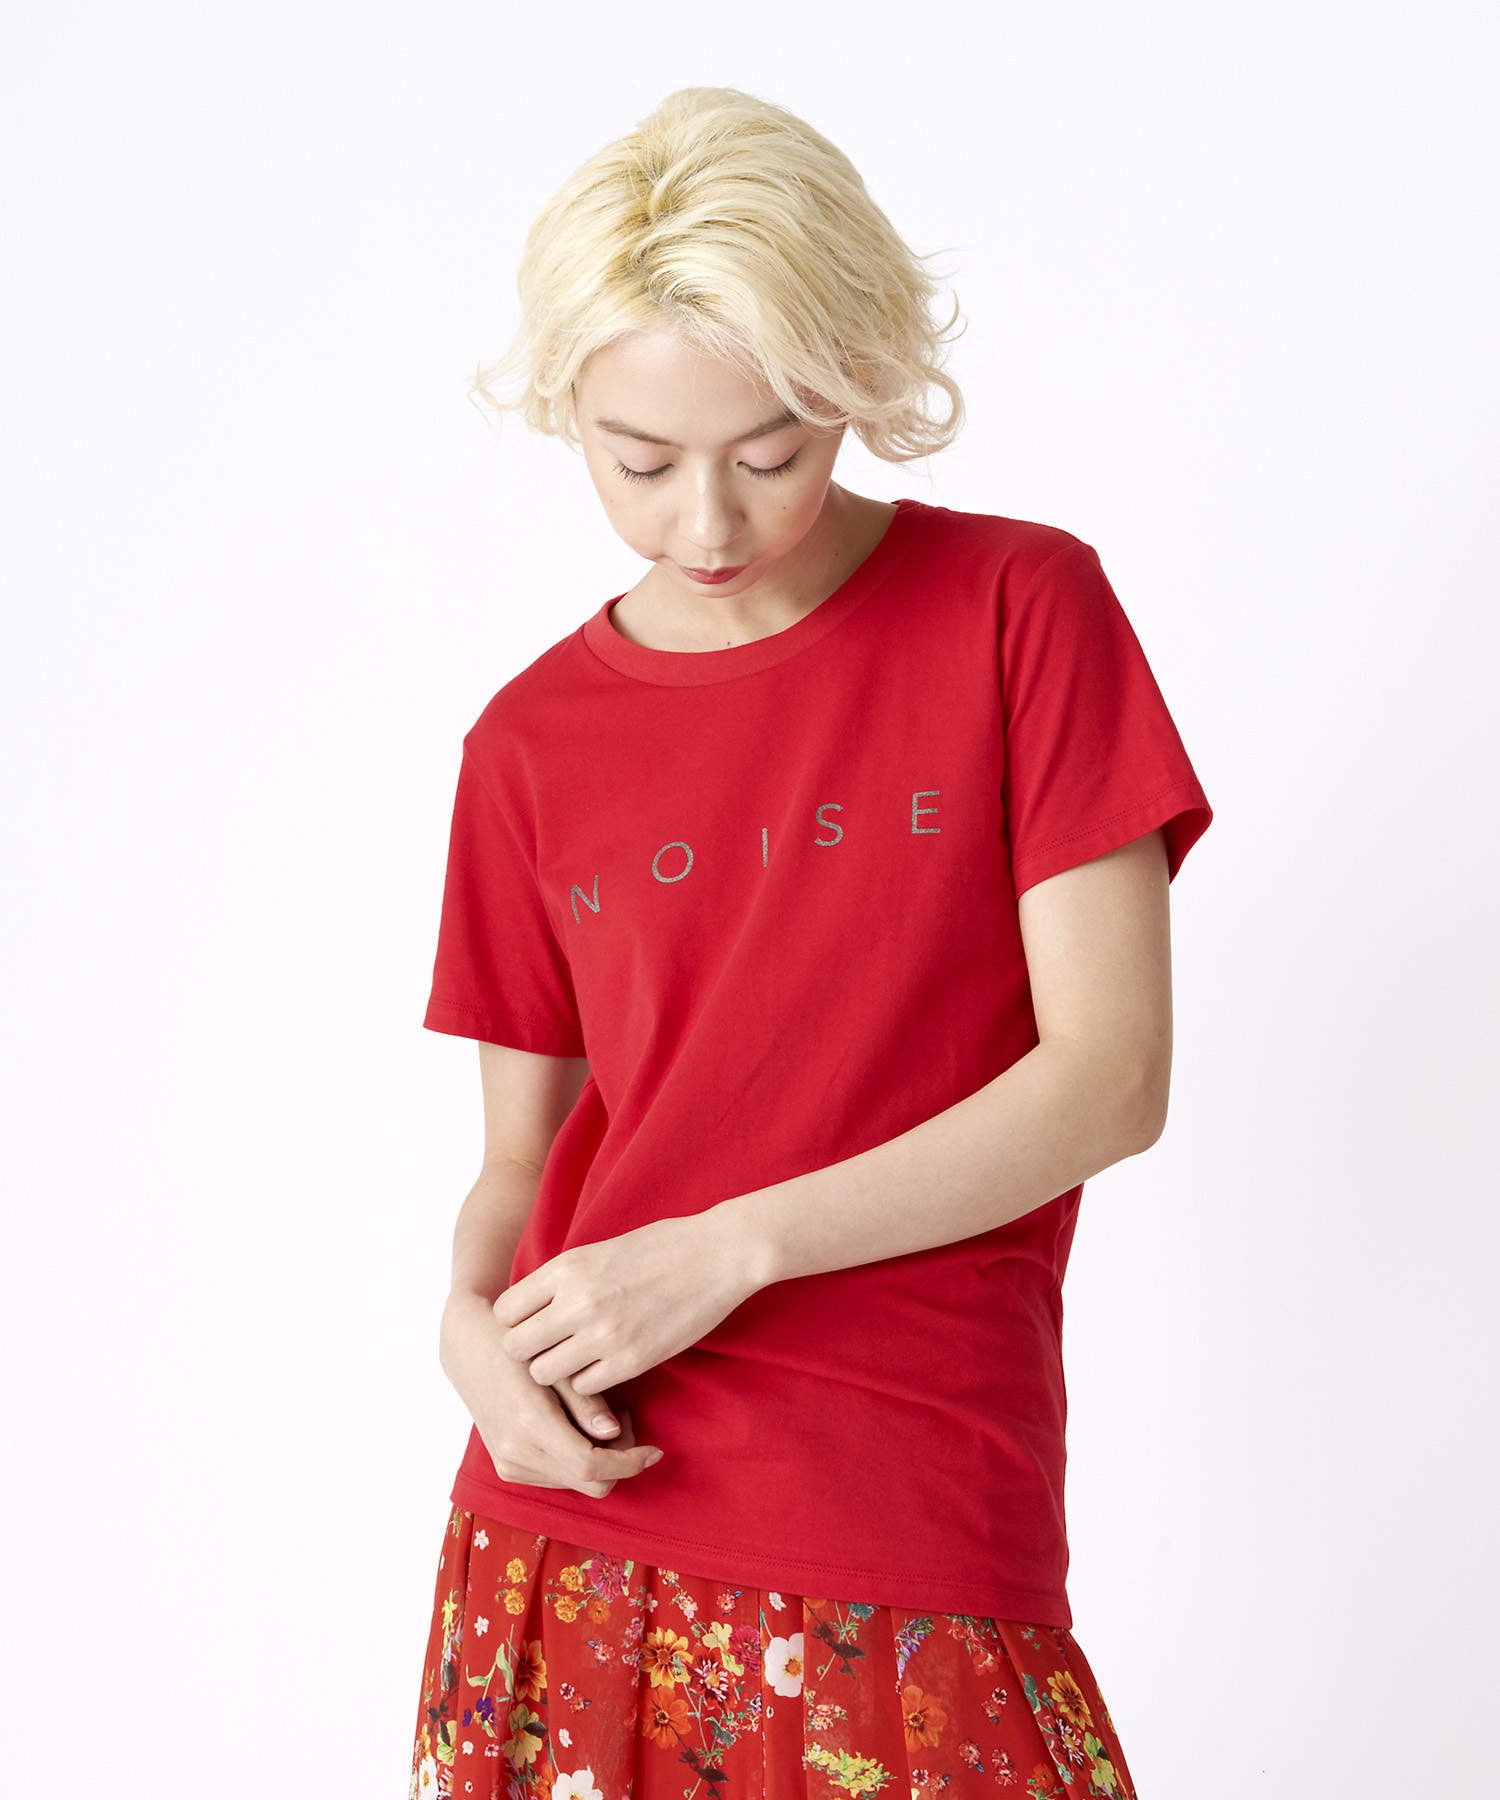 ラメロゴプリントTシャツ(レッド)